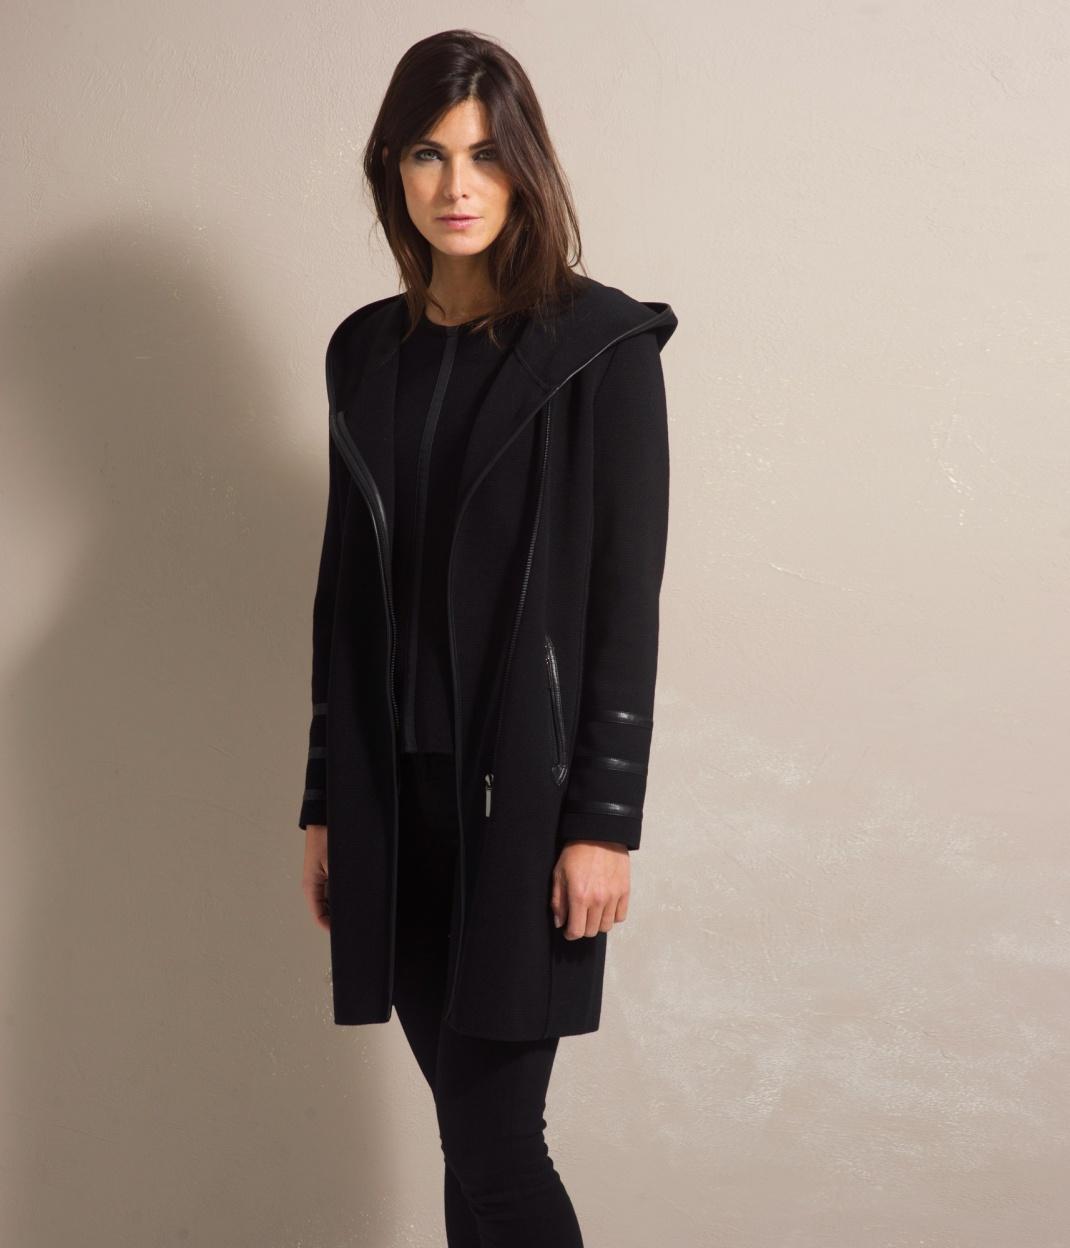 Manteau laine femme